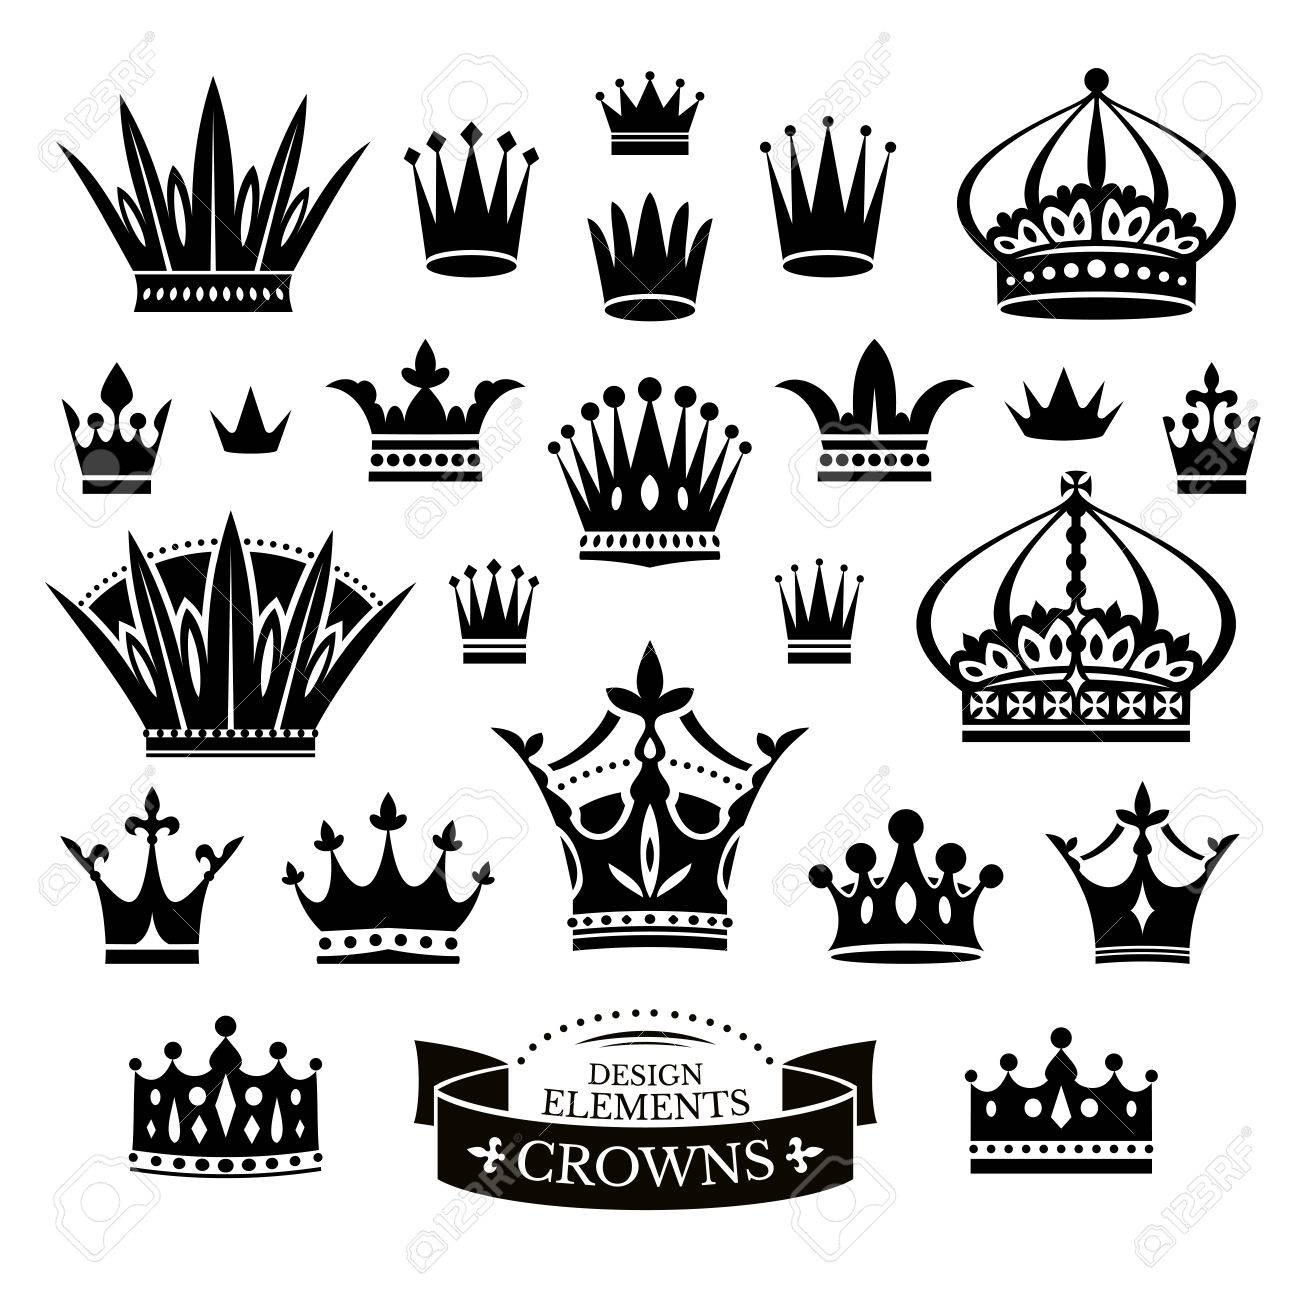 白いベクトル イラスト上に分離されて様々 な王冠のセットのイラスト素材